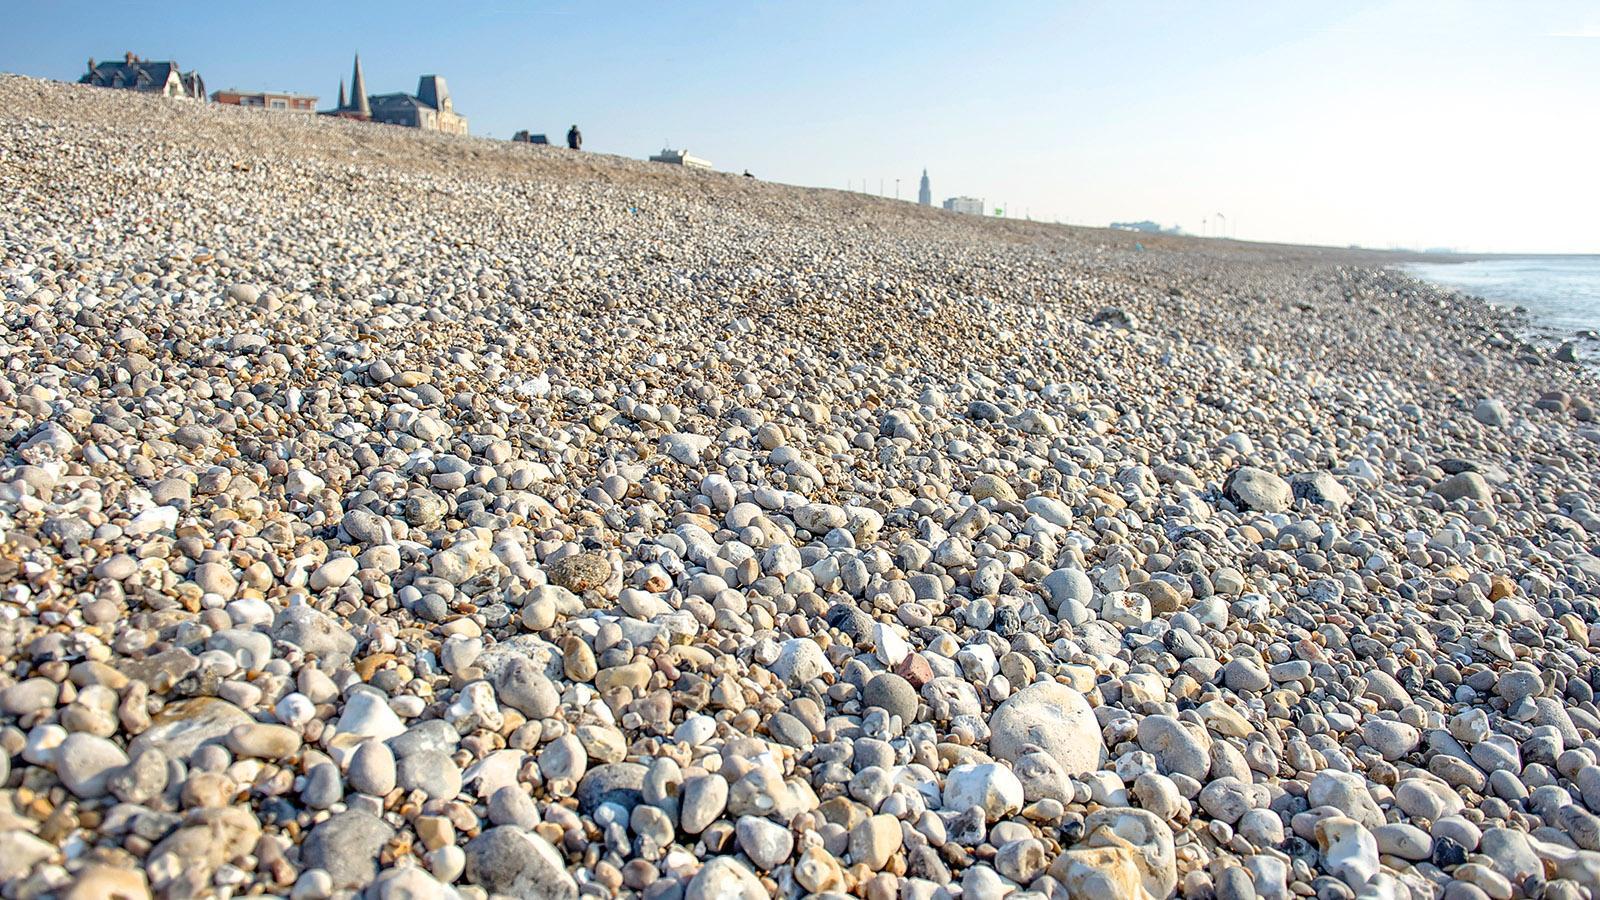 Am S(t)eine-Strand von Le Havre. Foto: Hilke Maunder